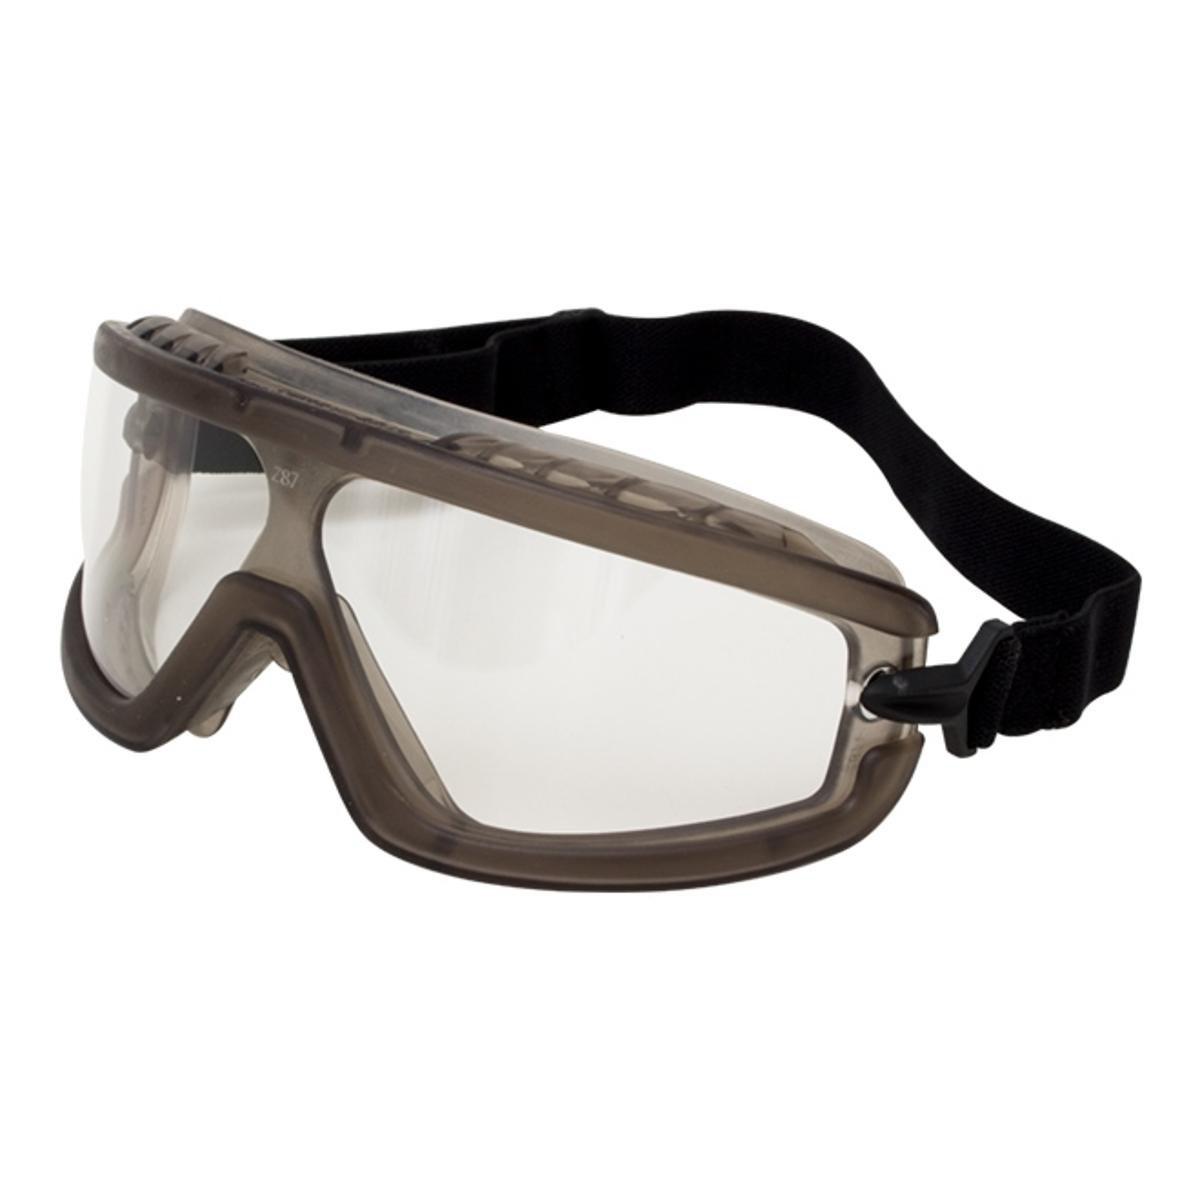 3a44f0a9ae958 Óculos de Proteção Ampla Visão Titanium Incolor - Compre Agora ...